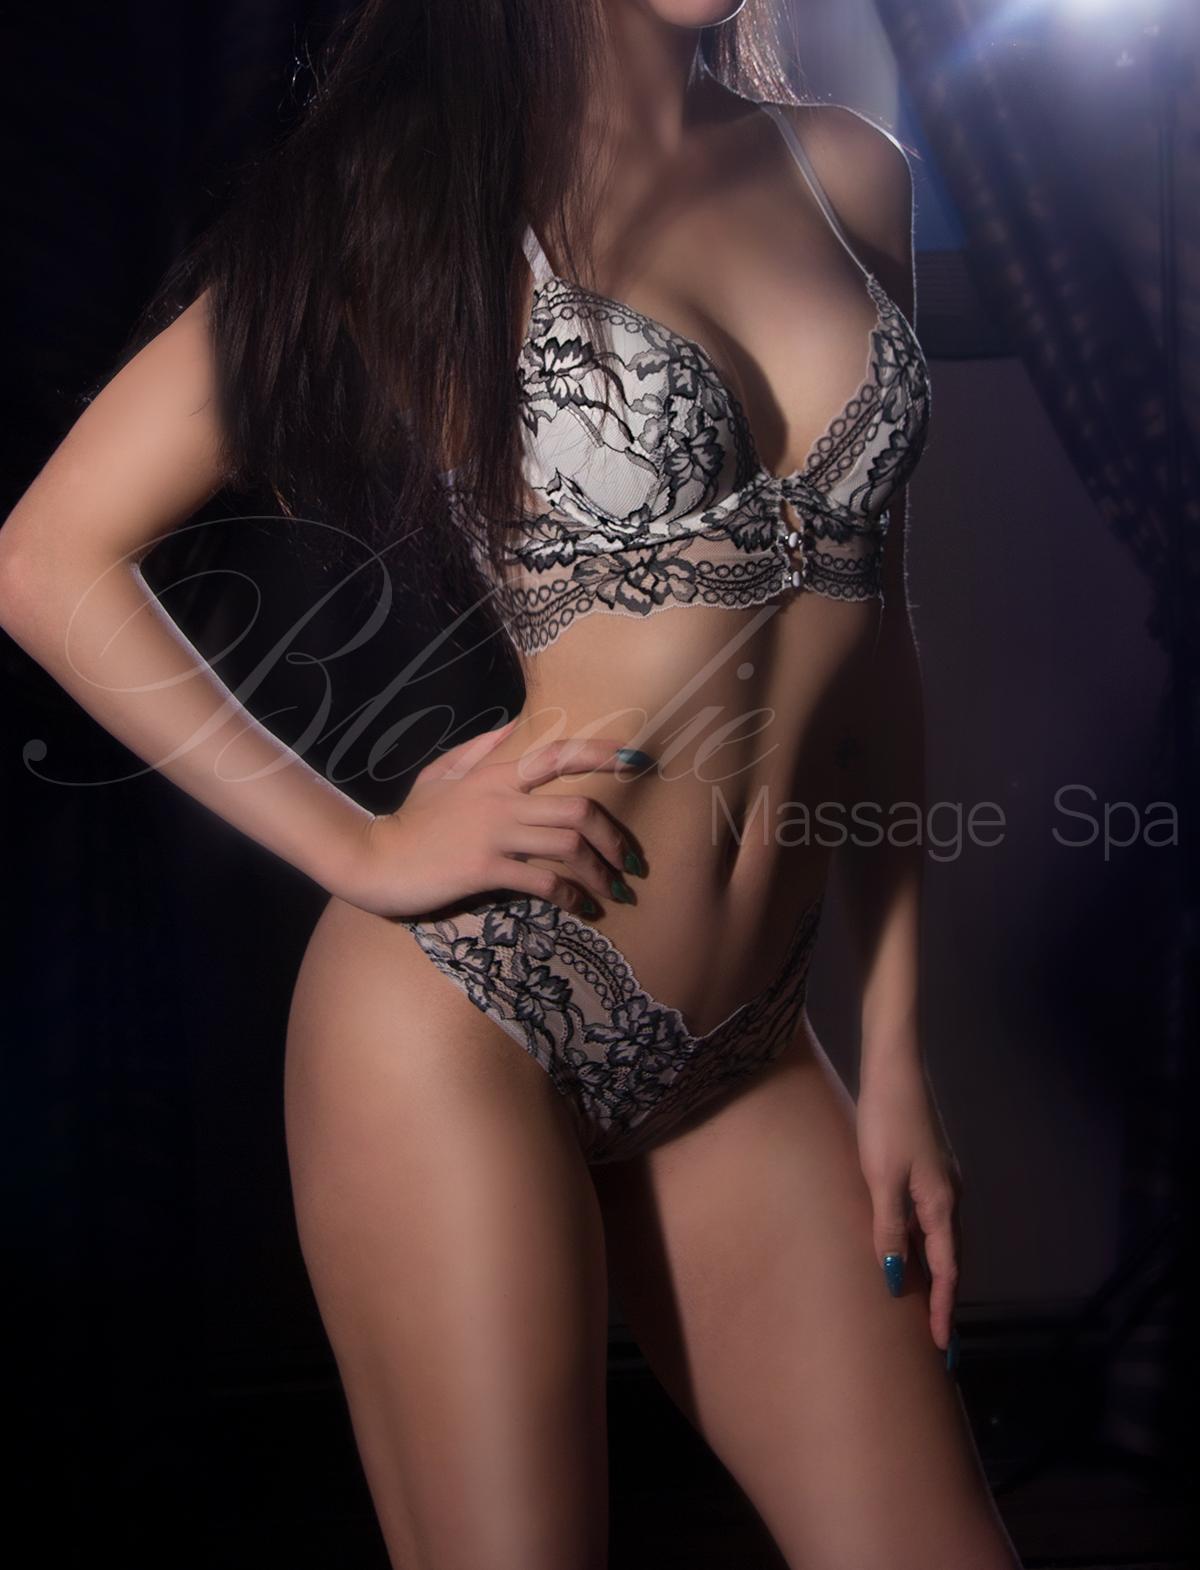 ladies-images